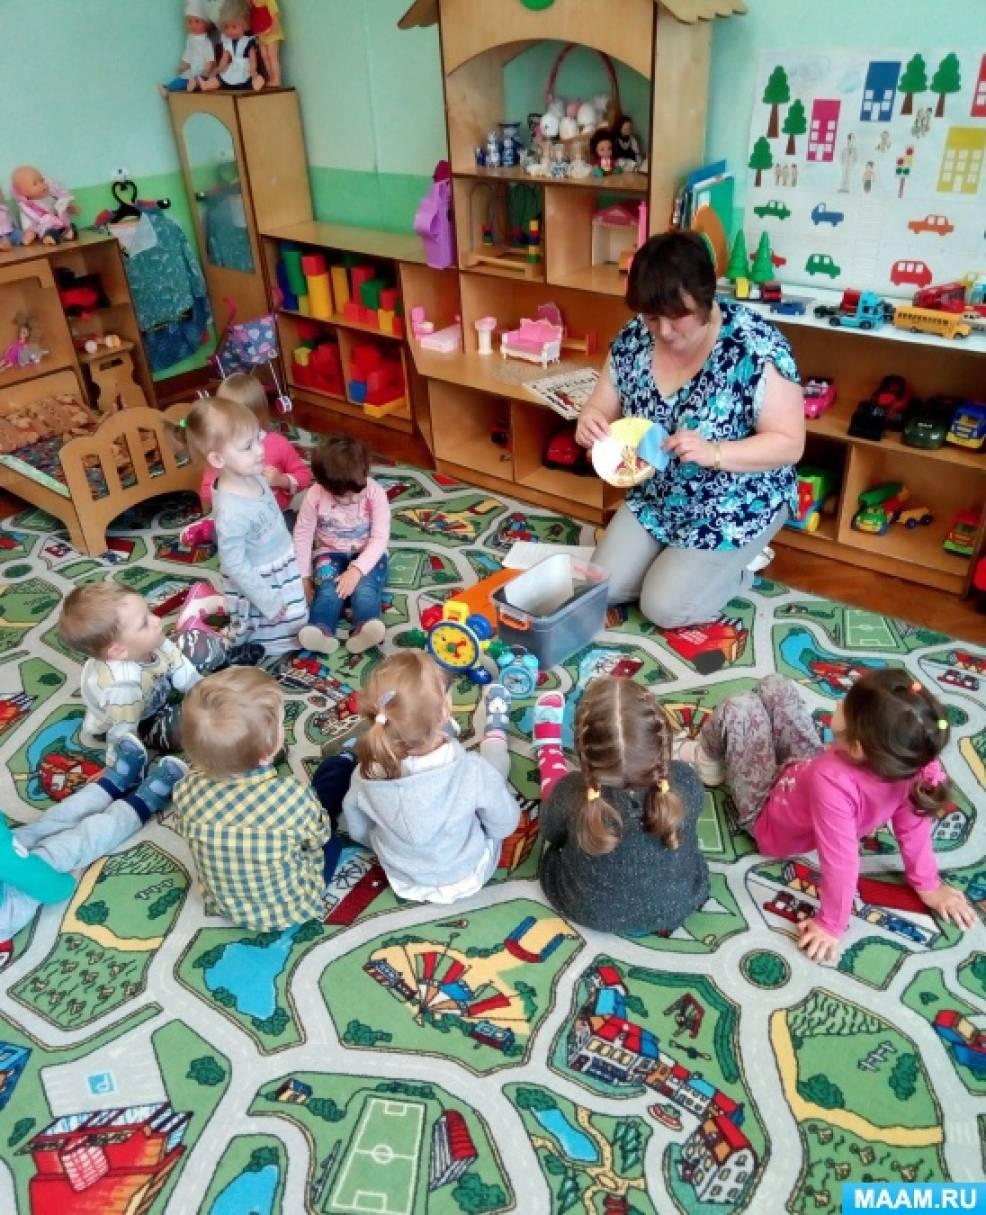 Конспект занятия «Волшебные часы в детском саду»